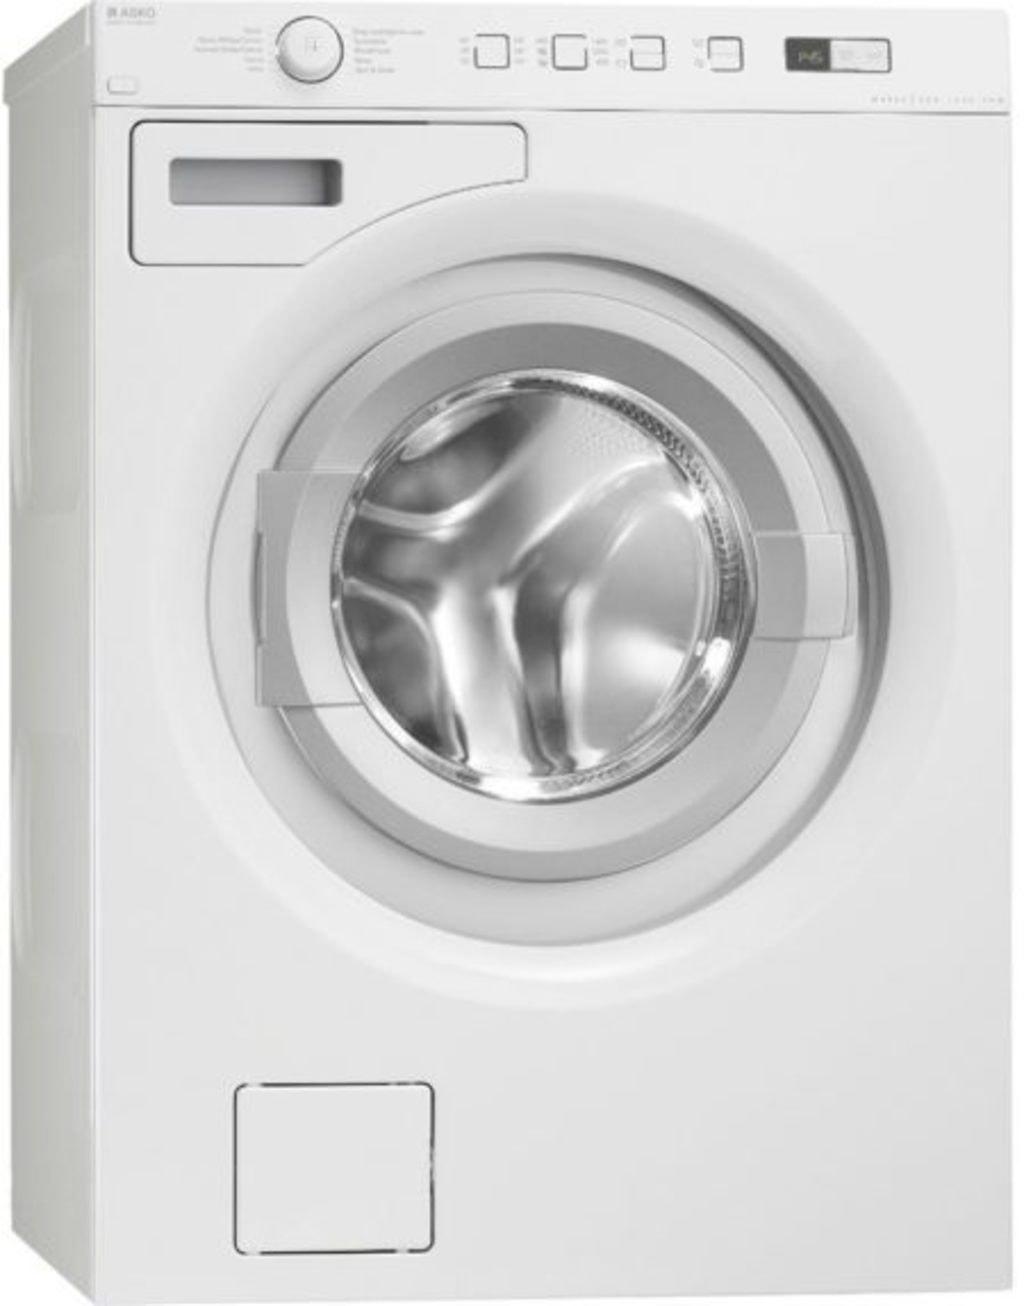 Buy washing machine Sydney via Whitegoodsandco